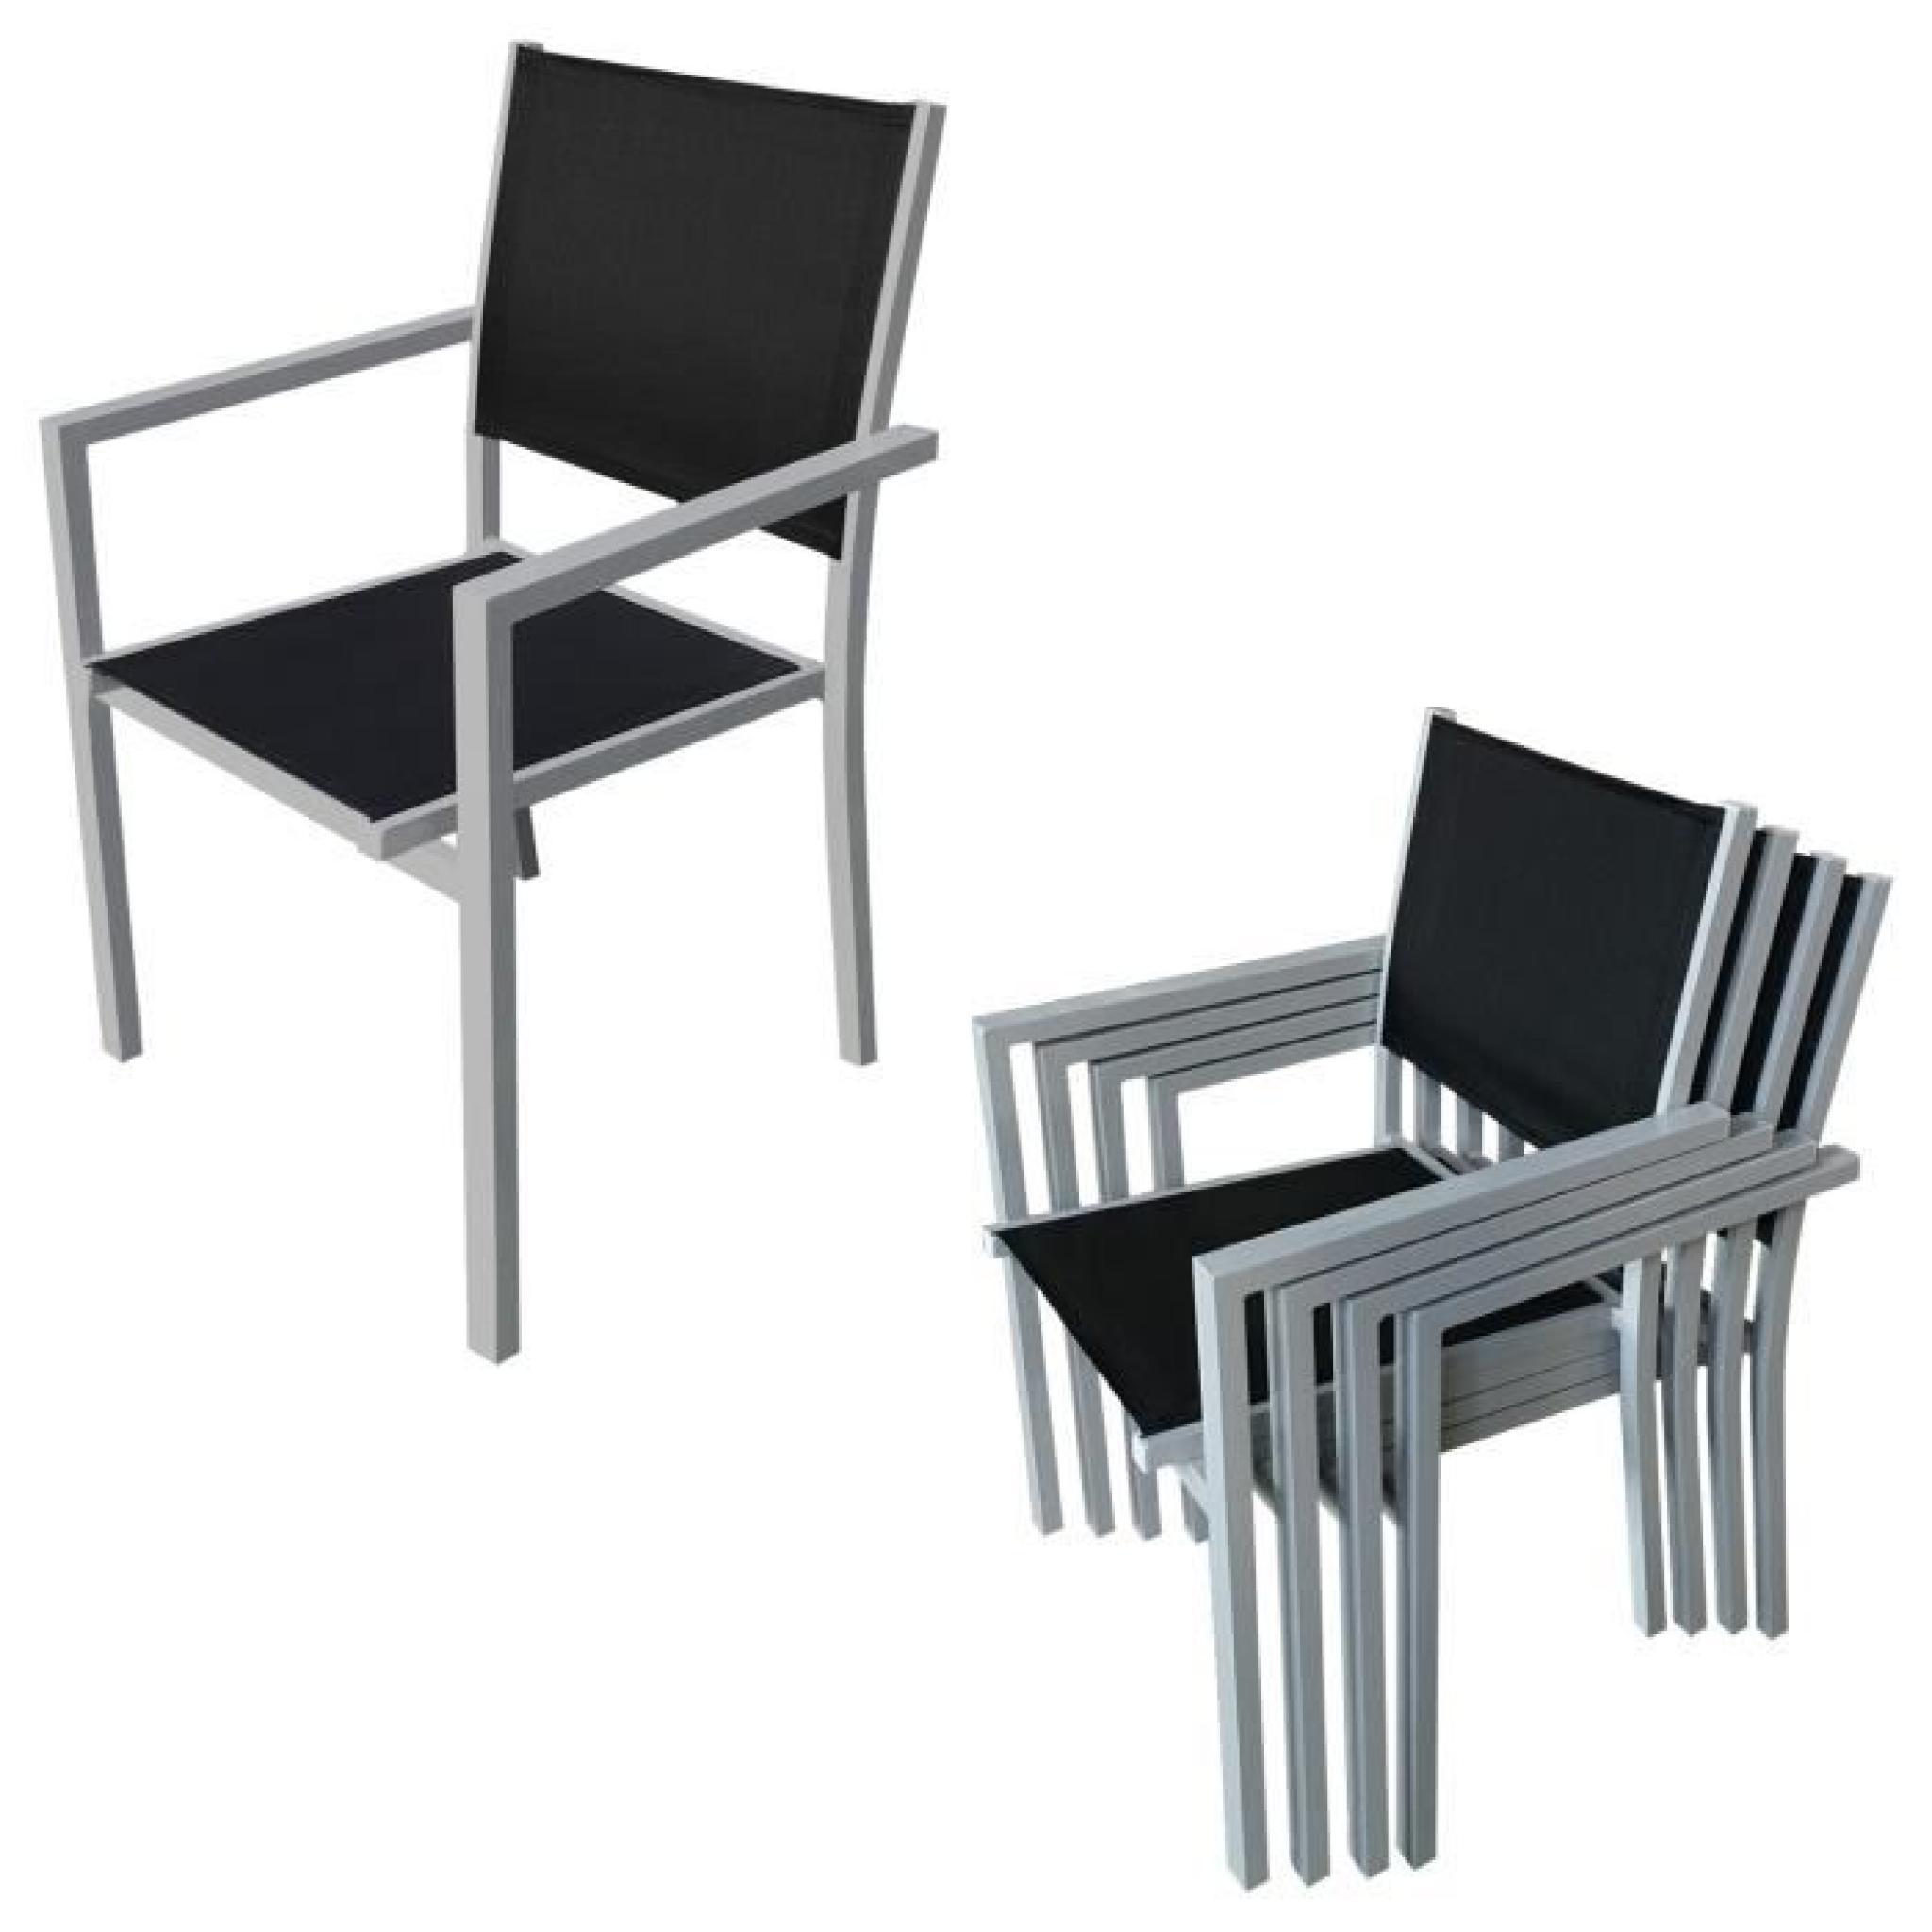 Salon de jardin BERGAMO en textilène noir 6 places - aluminium gris ...